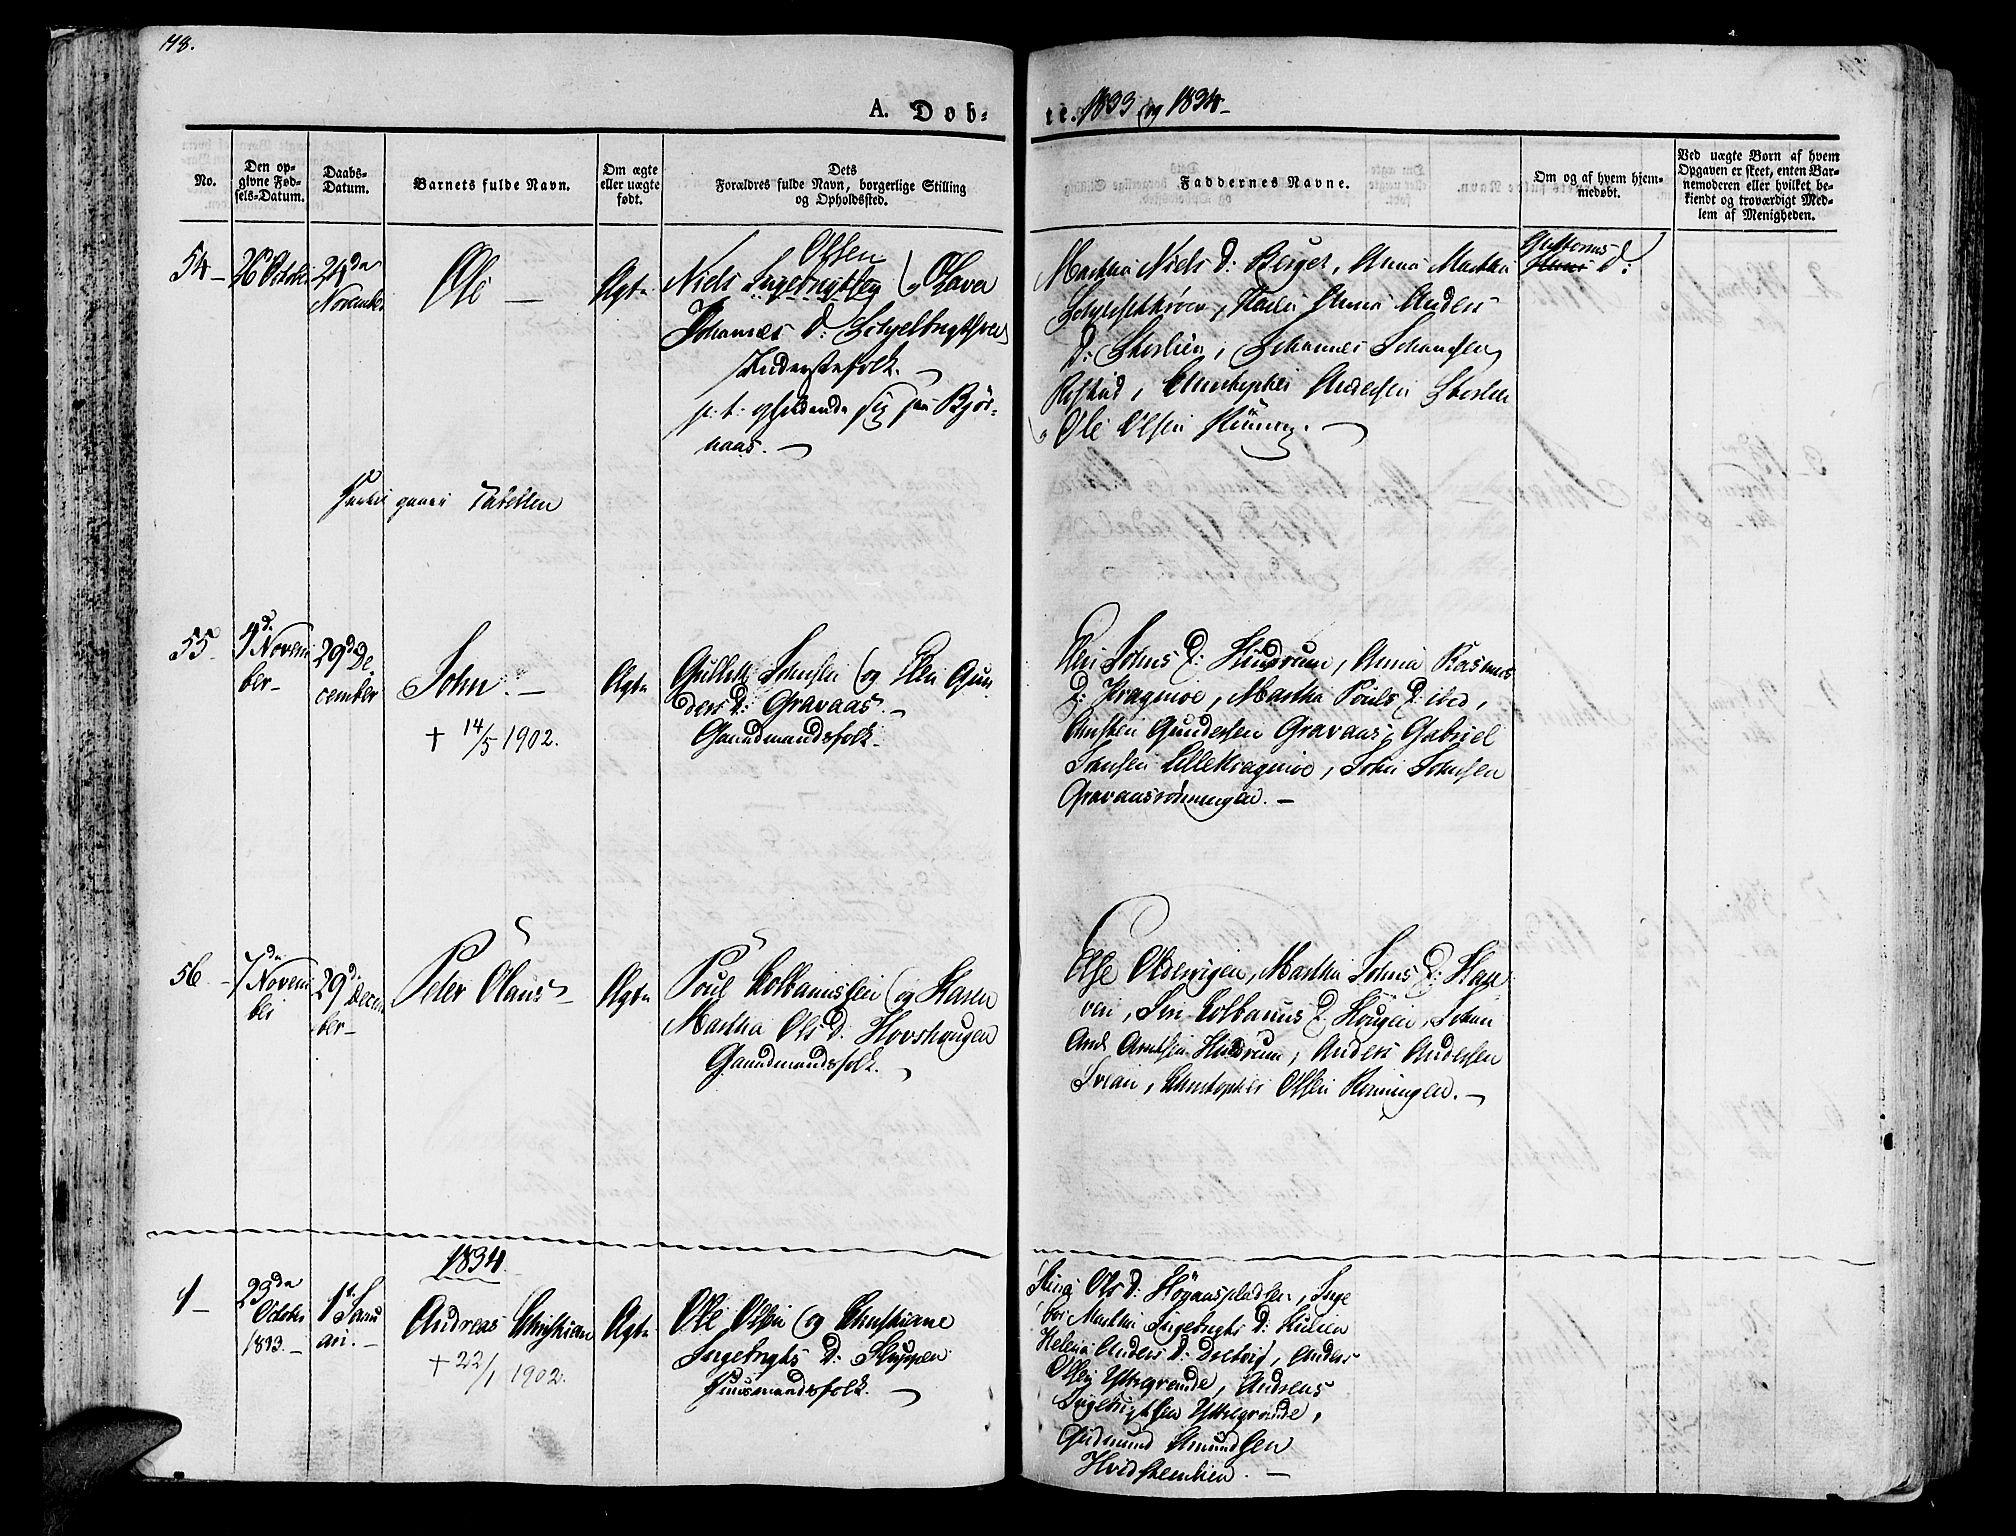 SAT, Ministerialprotokoller, klokkerbøker og fødselsregistre - Nord-Trøndelag, 701/L0006: Ministerialbok nr. 701A06, 1825-1841, s. 78